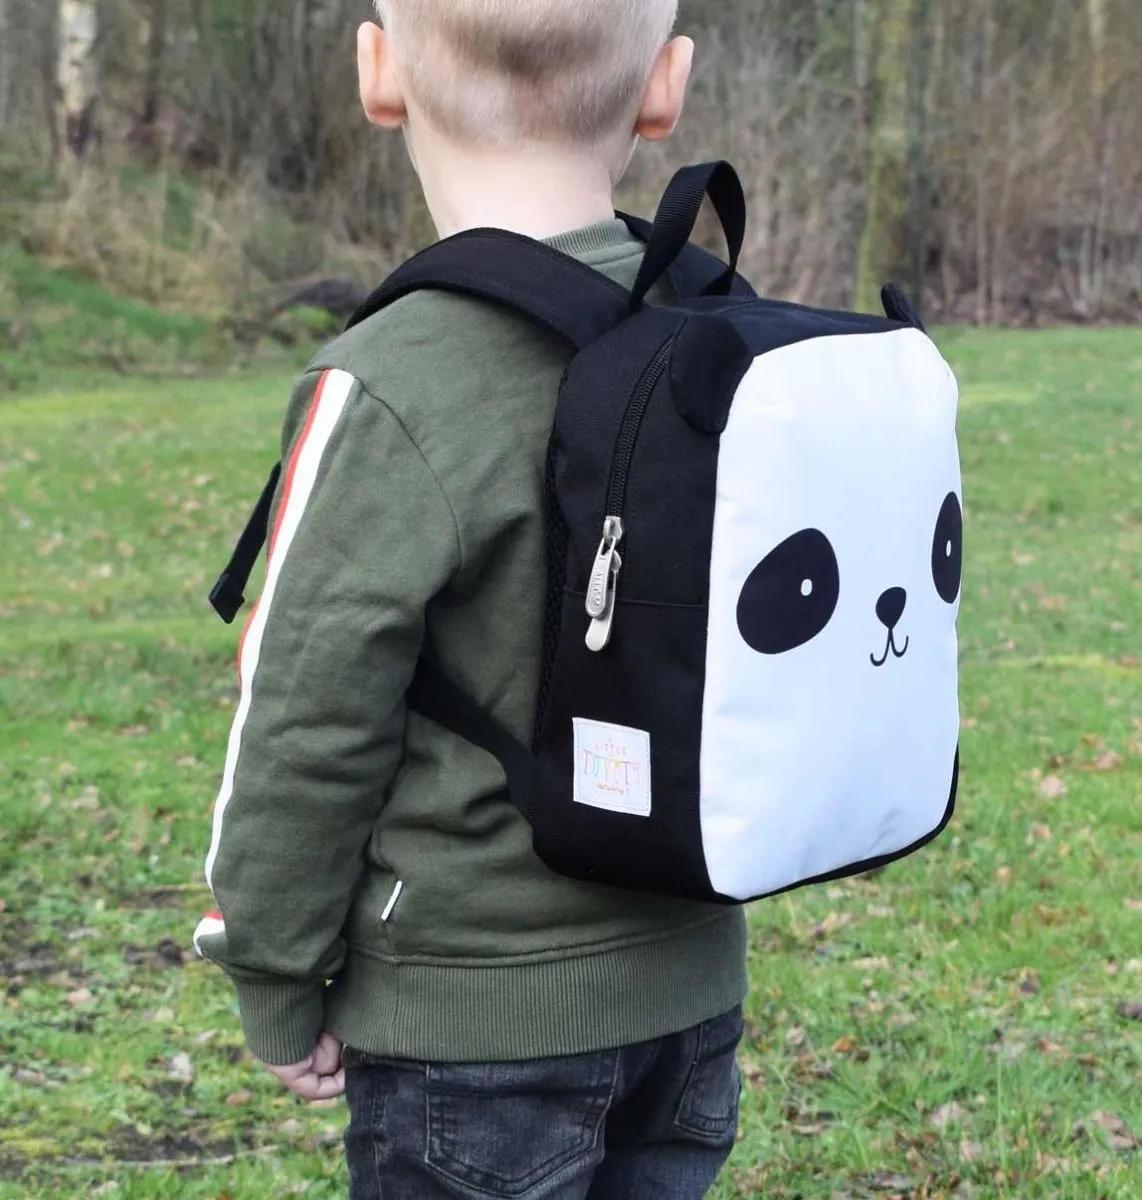 A Little Lovely Company Dětský batoh Panda, černá barva, bílá barva, textil